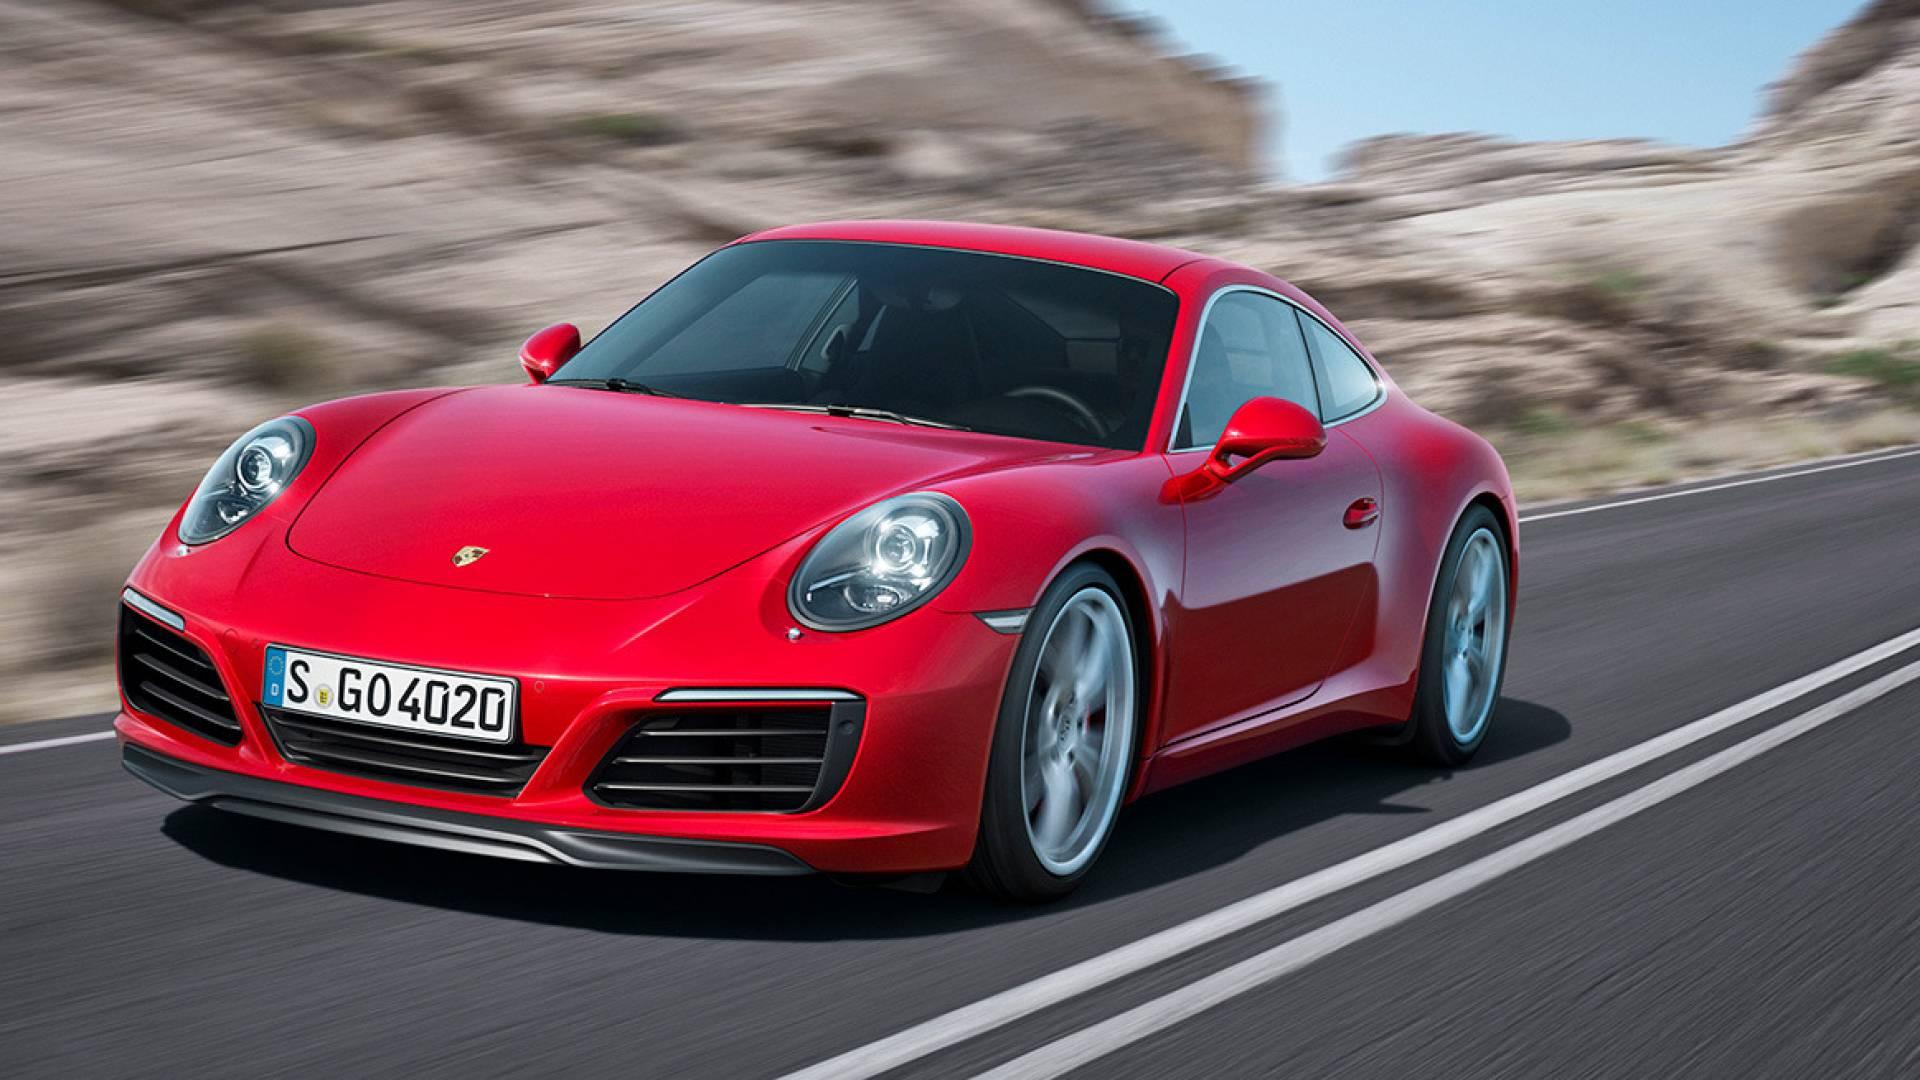 Porsche 911 Carrera 911 Carrera 4 911 Carrera 4 Gts 911